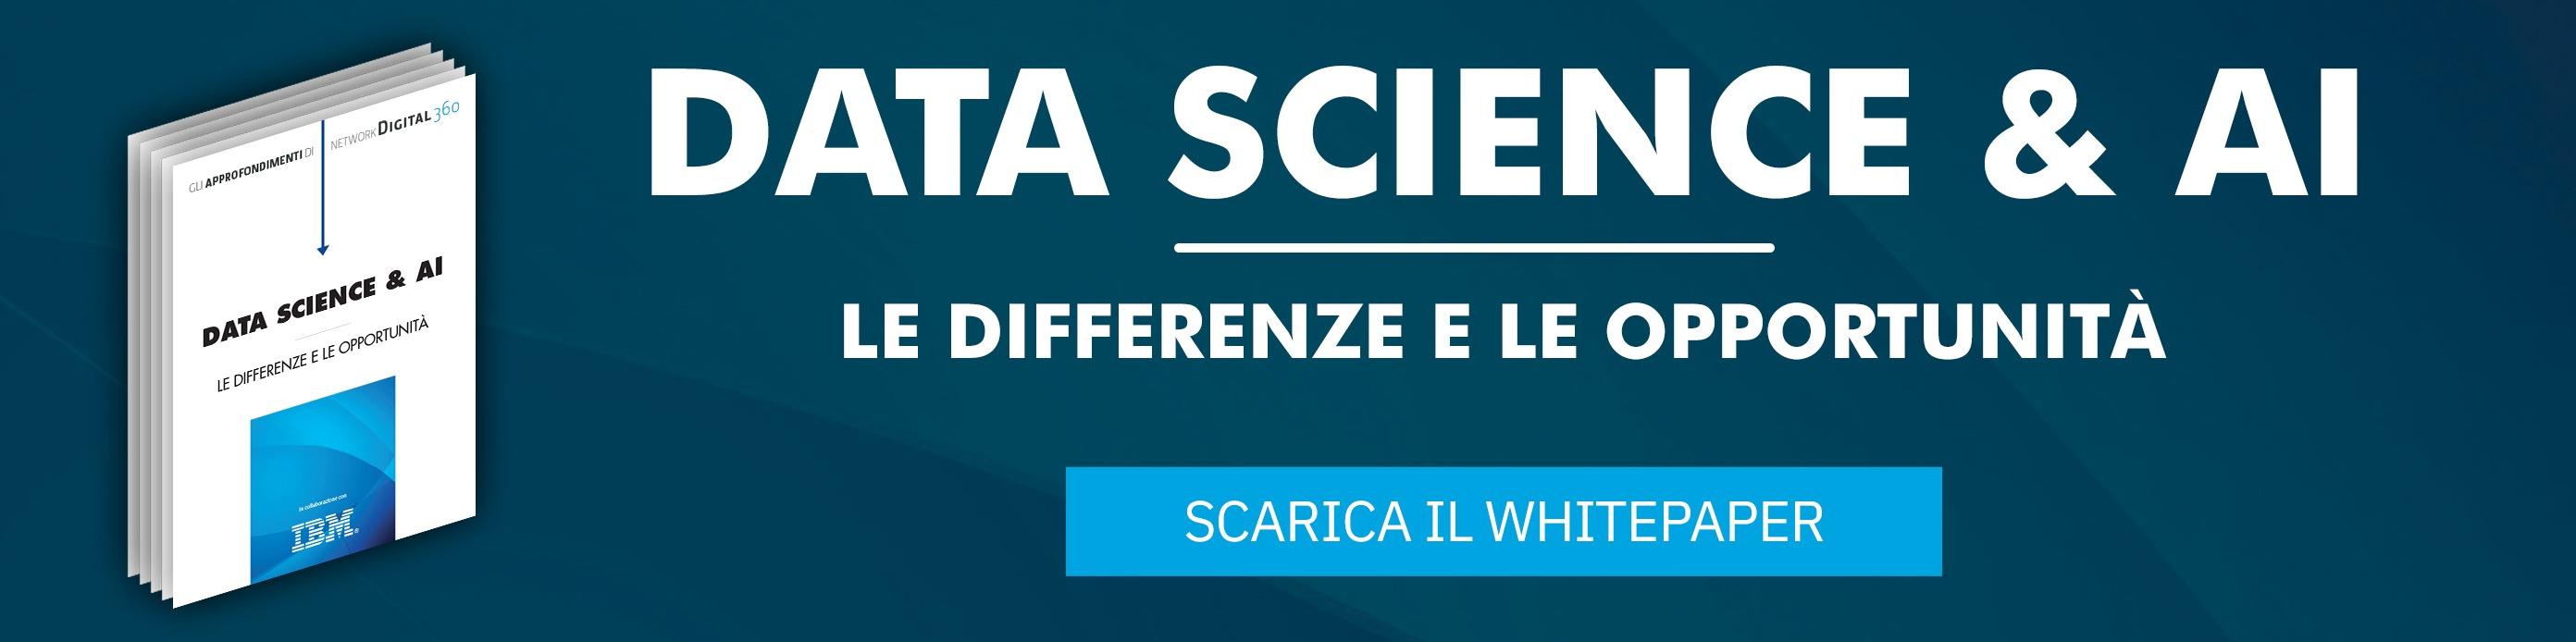 Data Science & AI - Le differenze e le opportunità: Scarica il whitepaper